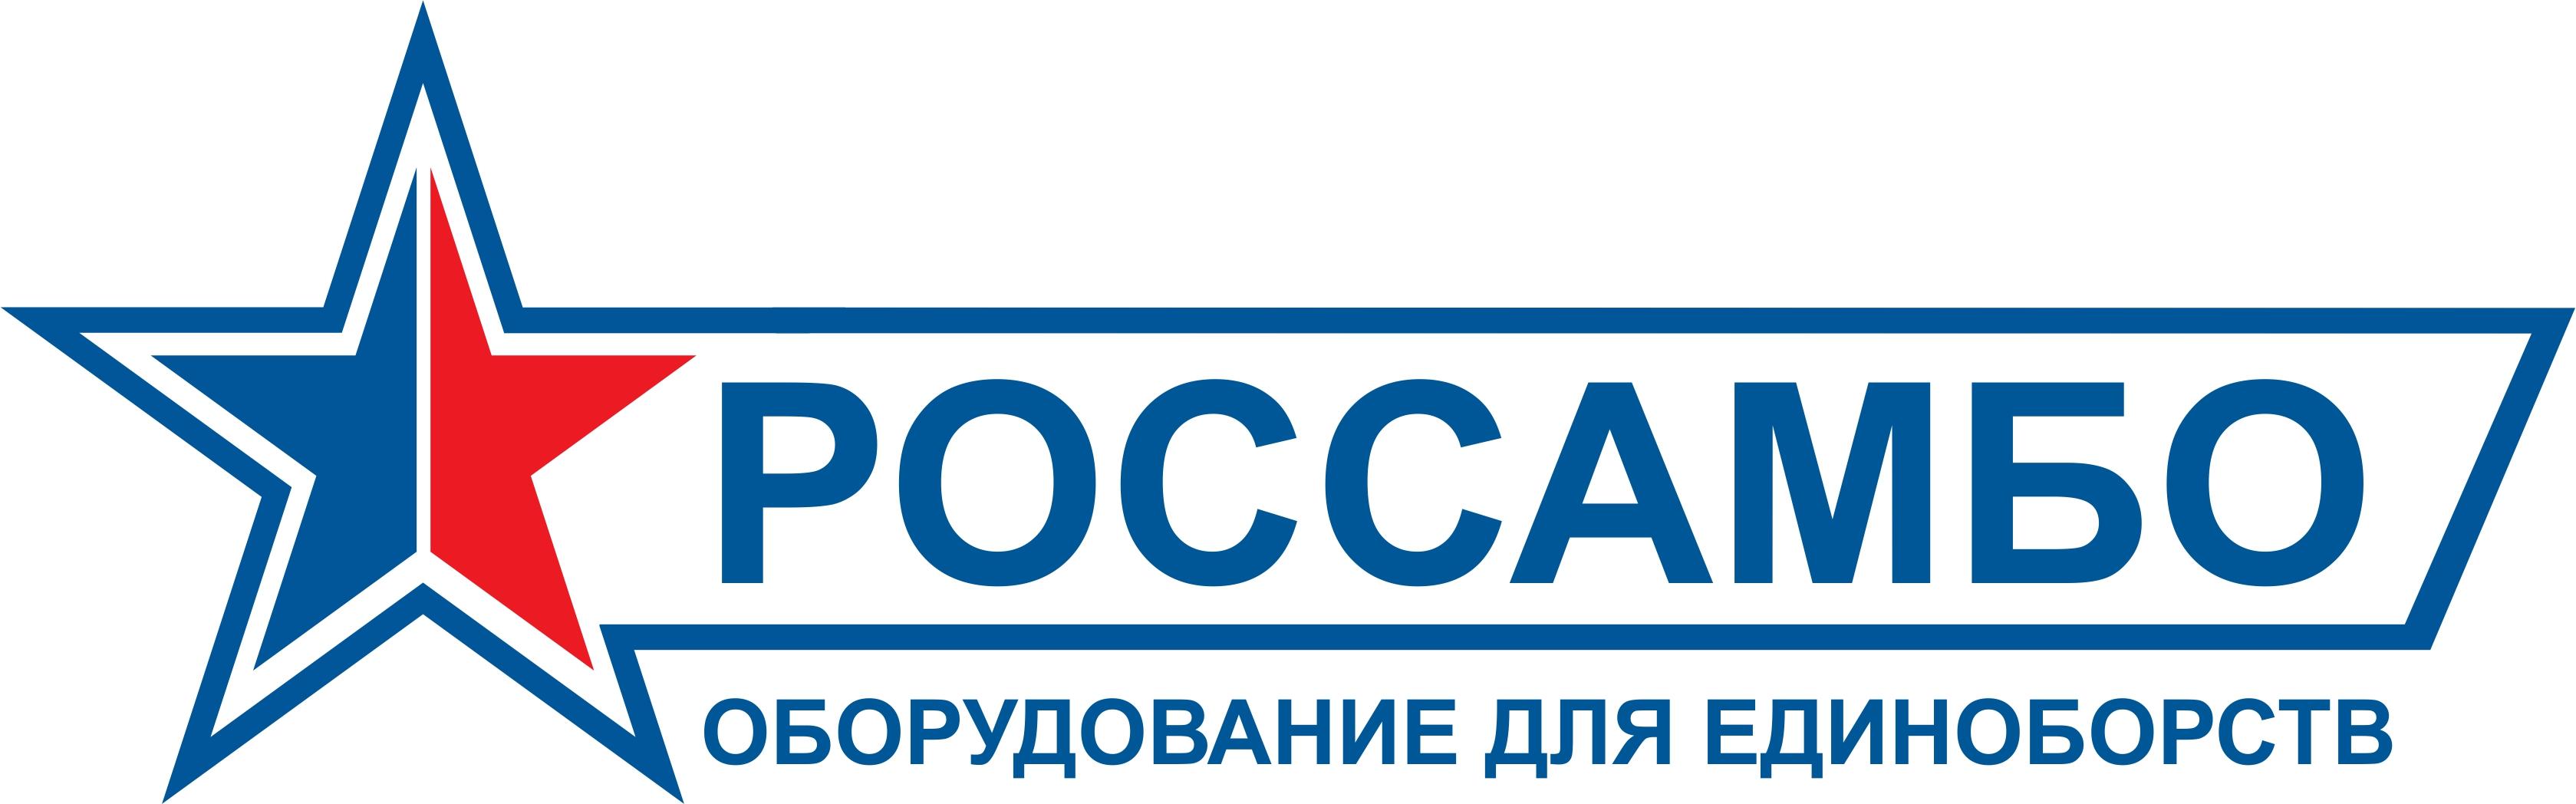 ООО «РУССАМБО»